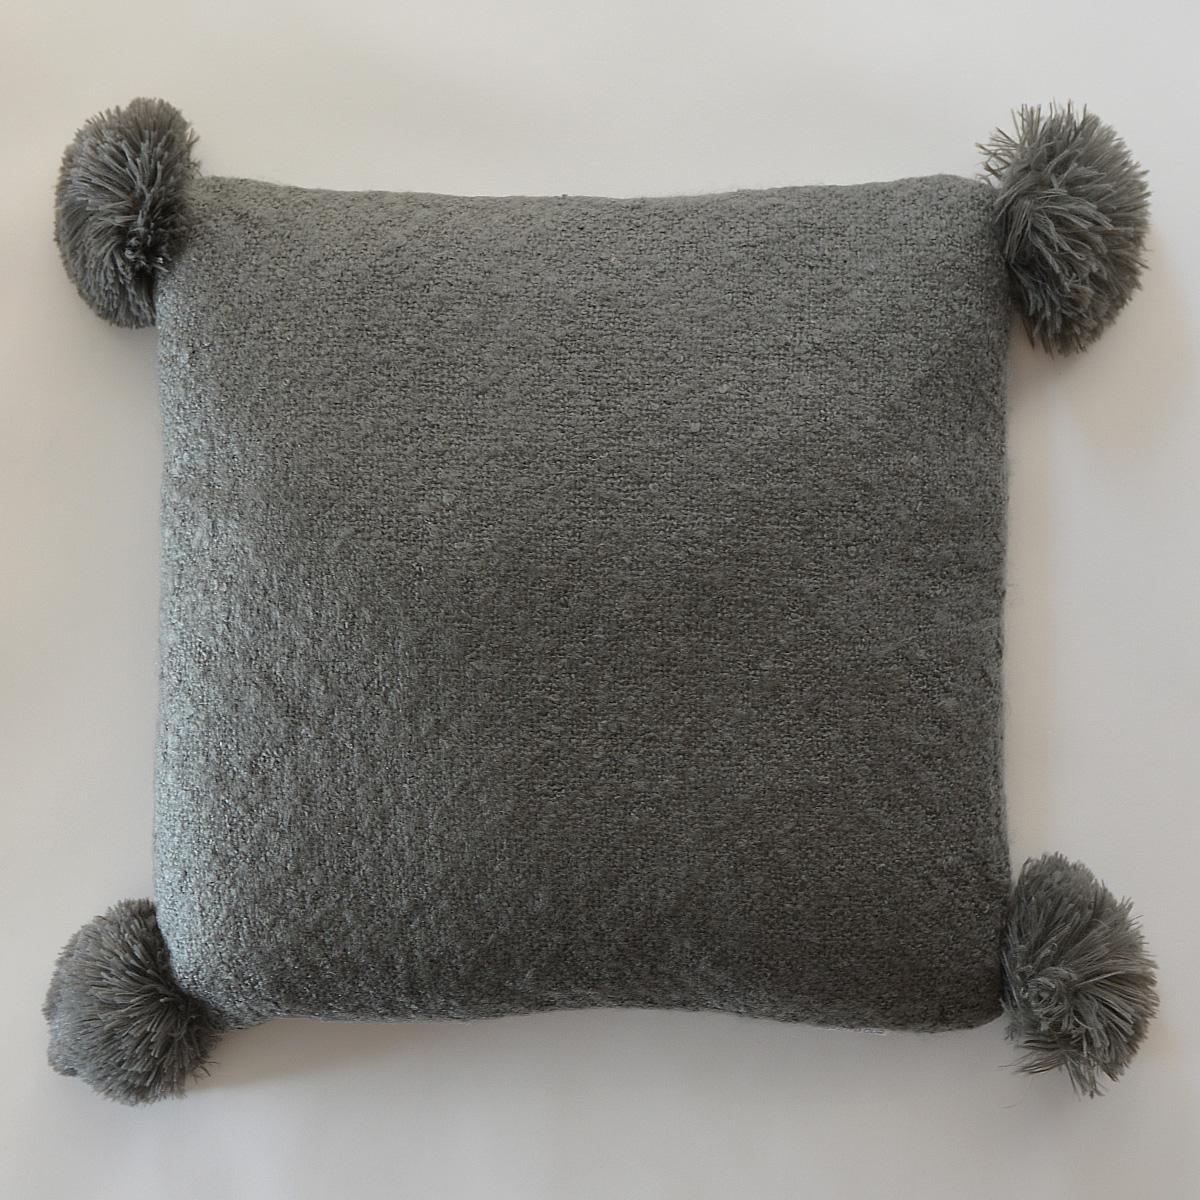 Coussin effet laineux à pompons - Anthracite - 45 x 45 cm